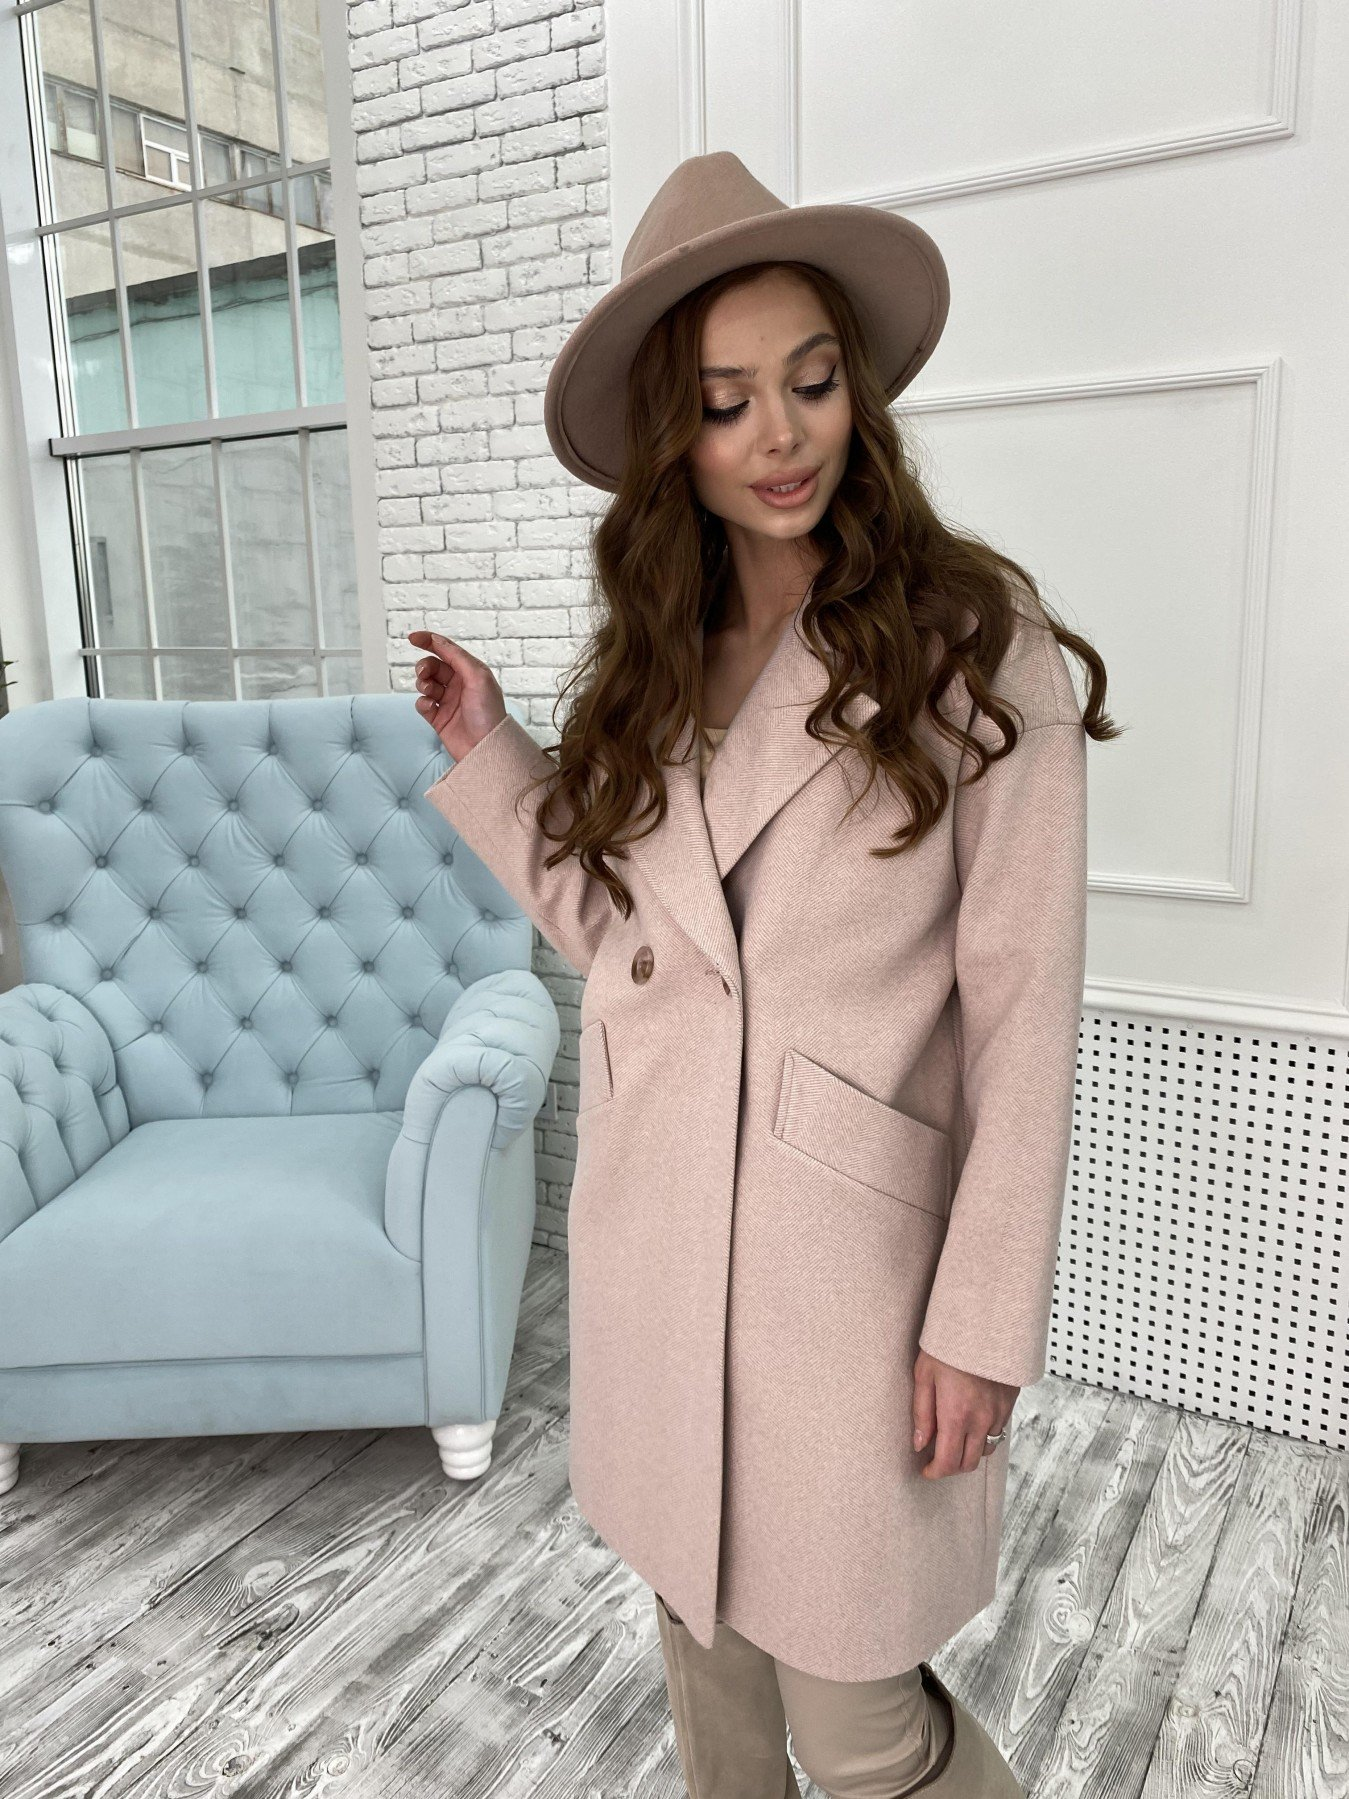 Сенсей Елка пальтовая ткань пальто 10791 АРТ. 47273 Цвет: Пудра - фото 2, интернет магазин tm-modus.ru